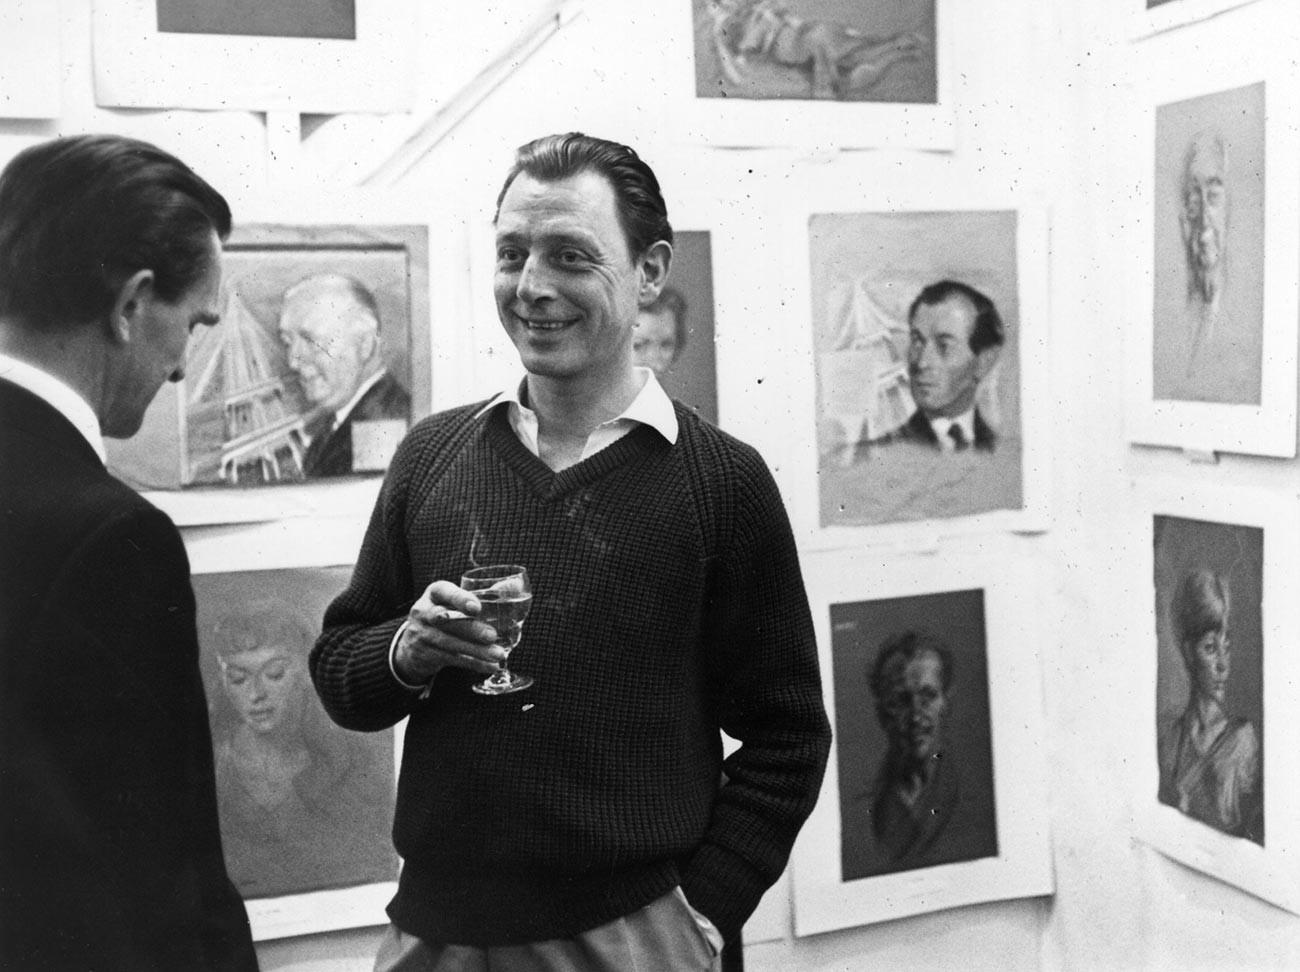 Остеопатът Стивън Уорд в арт галерия